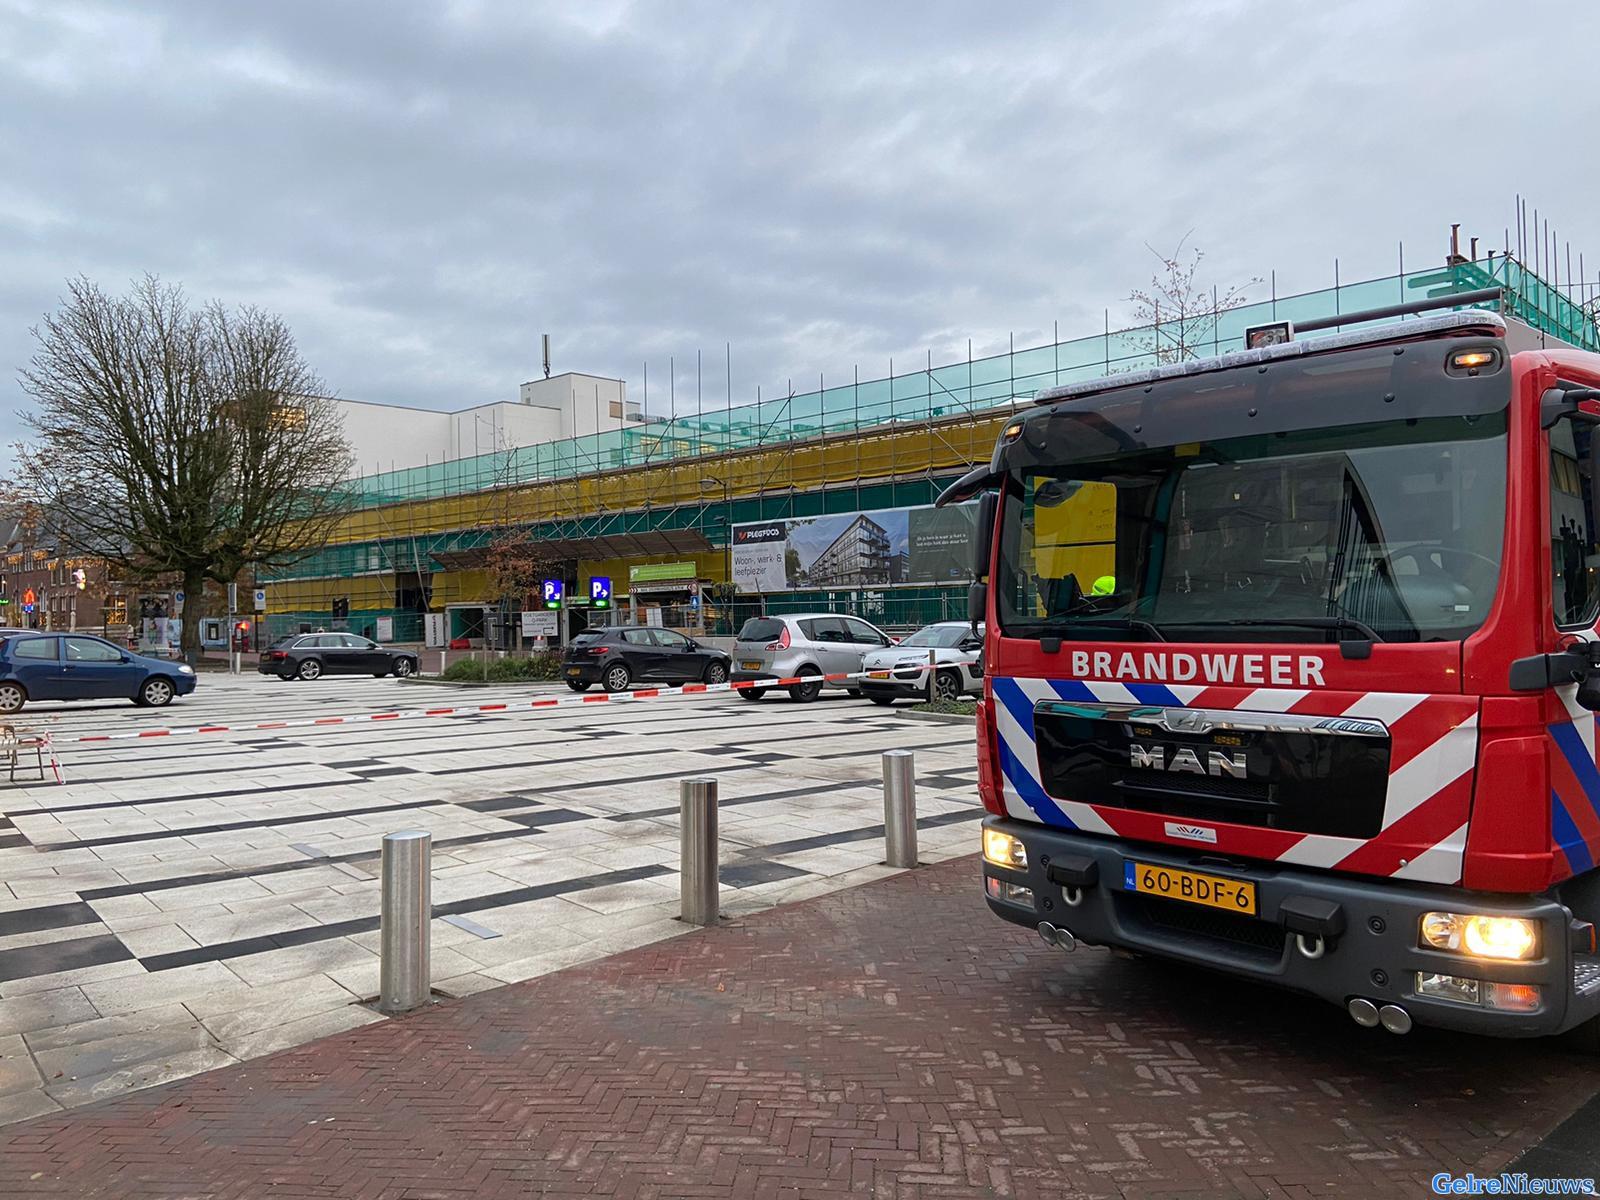 Verdacht pakketje gevonden in Arnhemse binnenstad: gemeentehuis ontruimd